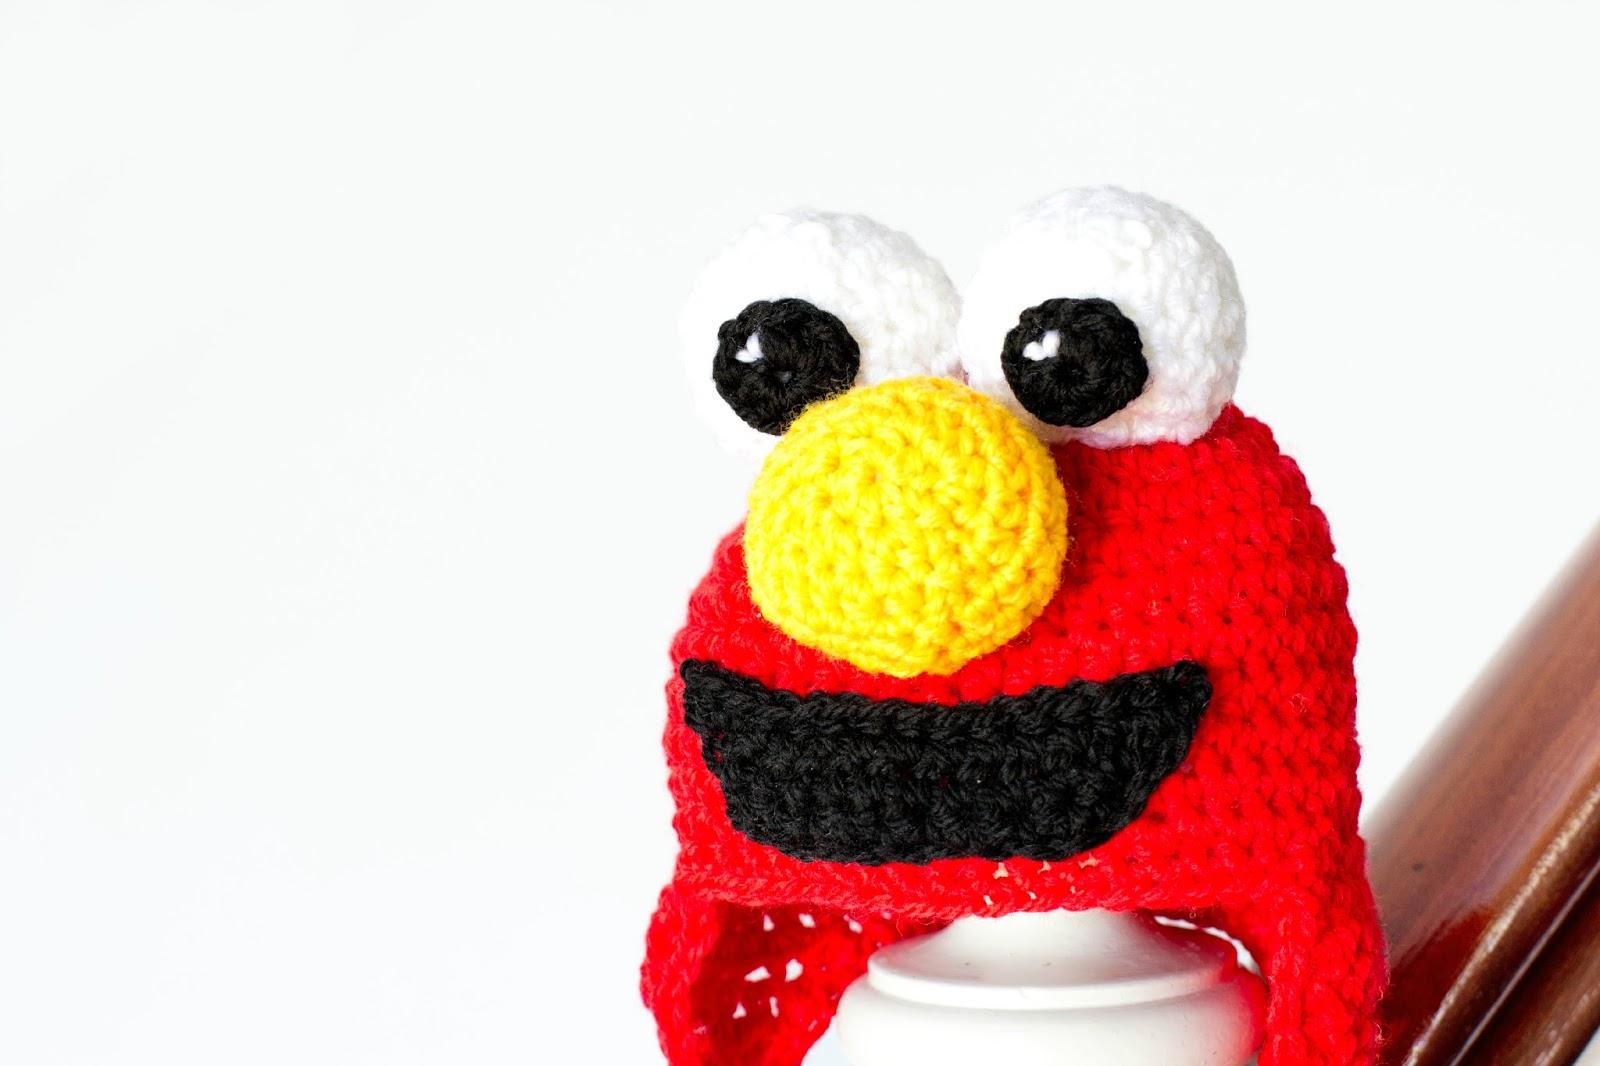 http://4.bp.blogspot.com/-g2YTl25c-F0/Uyww1I01B6I/AAAAAAAAIBk/6MYQcl6TpXA/s1600/Sesame+Street+Elmo+Inspired+Baby+Hat+Crochet+Pattern+3.jpg